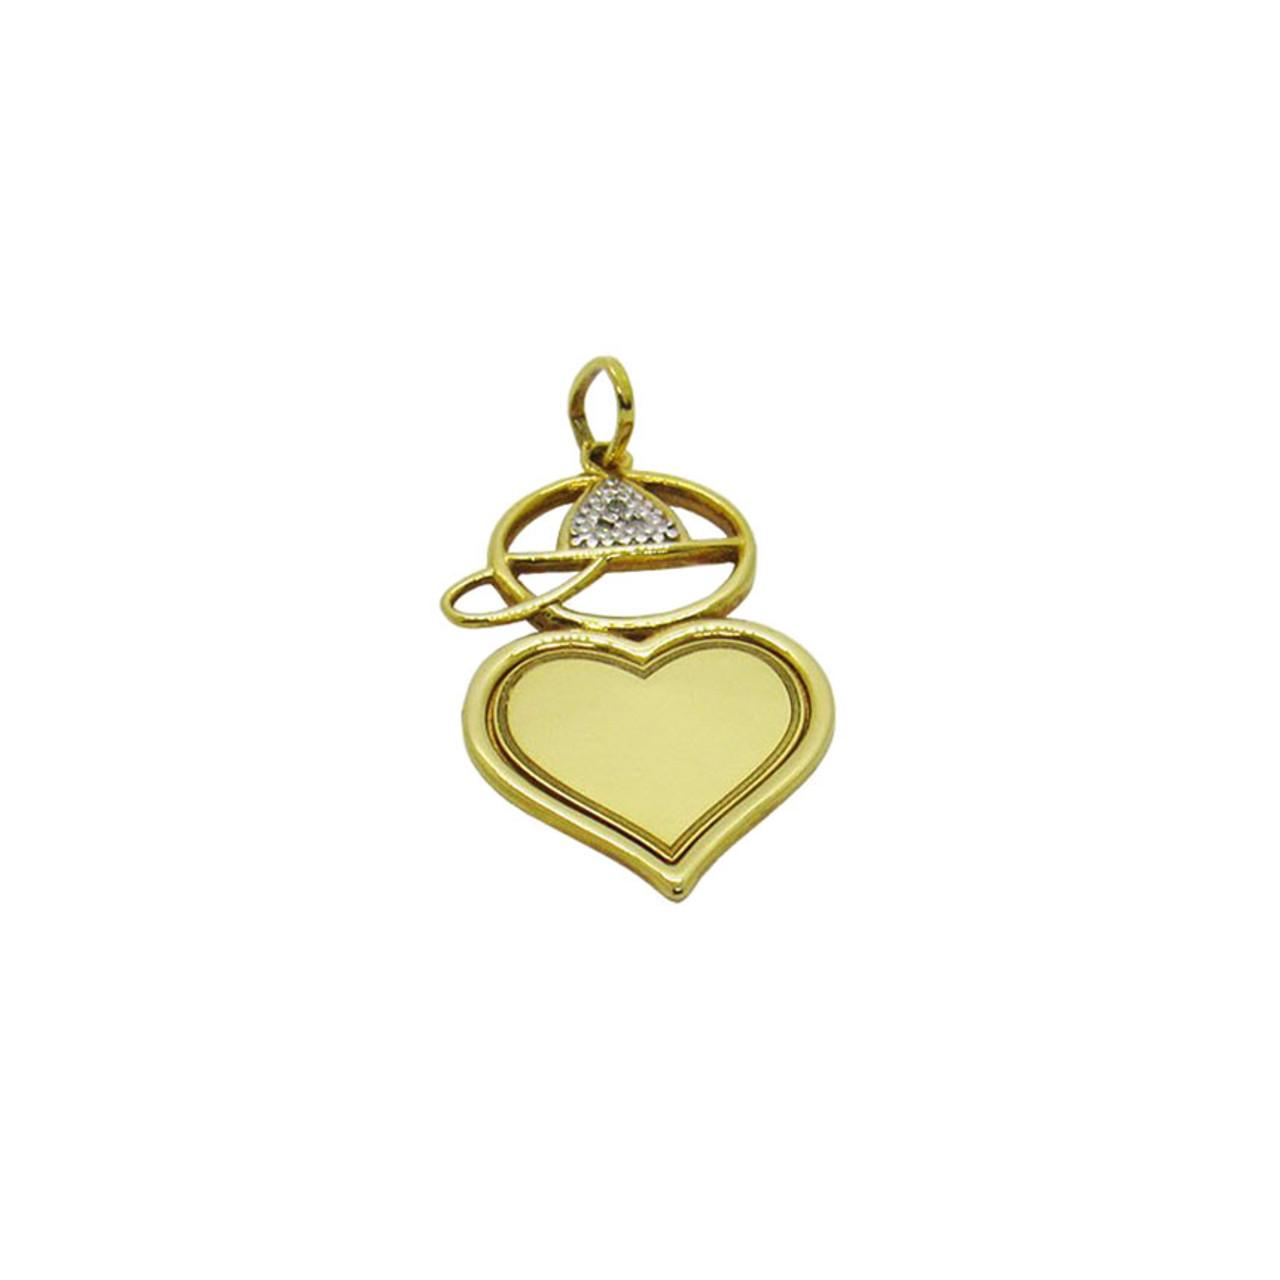 6d1924e470ef9 Pingente de ouro 18k menino coração com brilhante 31,36mm (CJPI ...